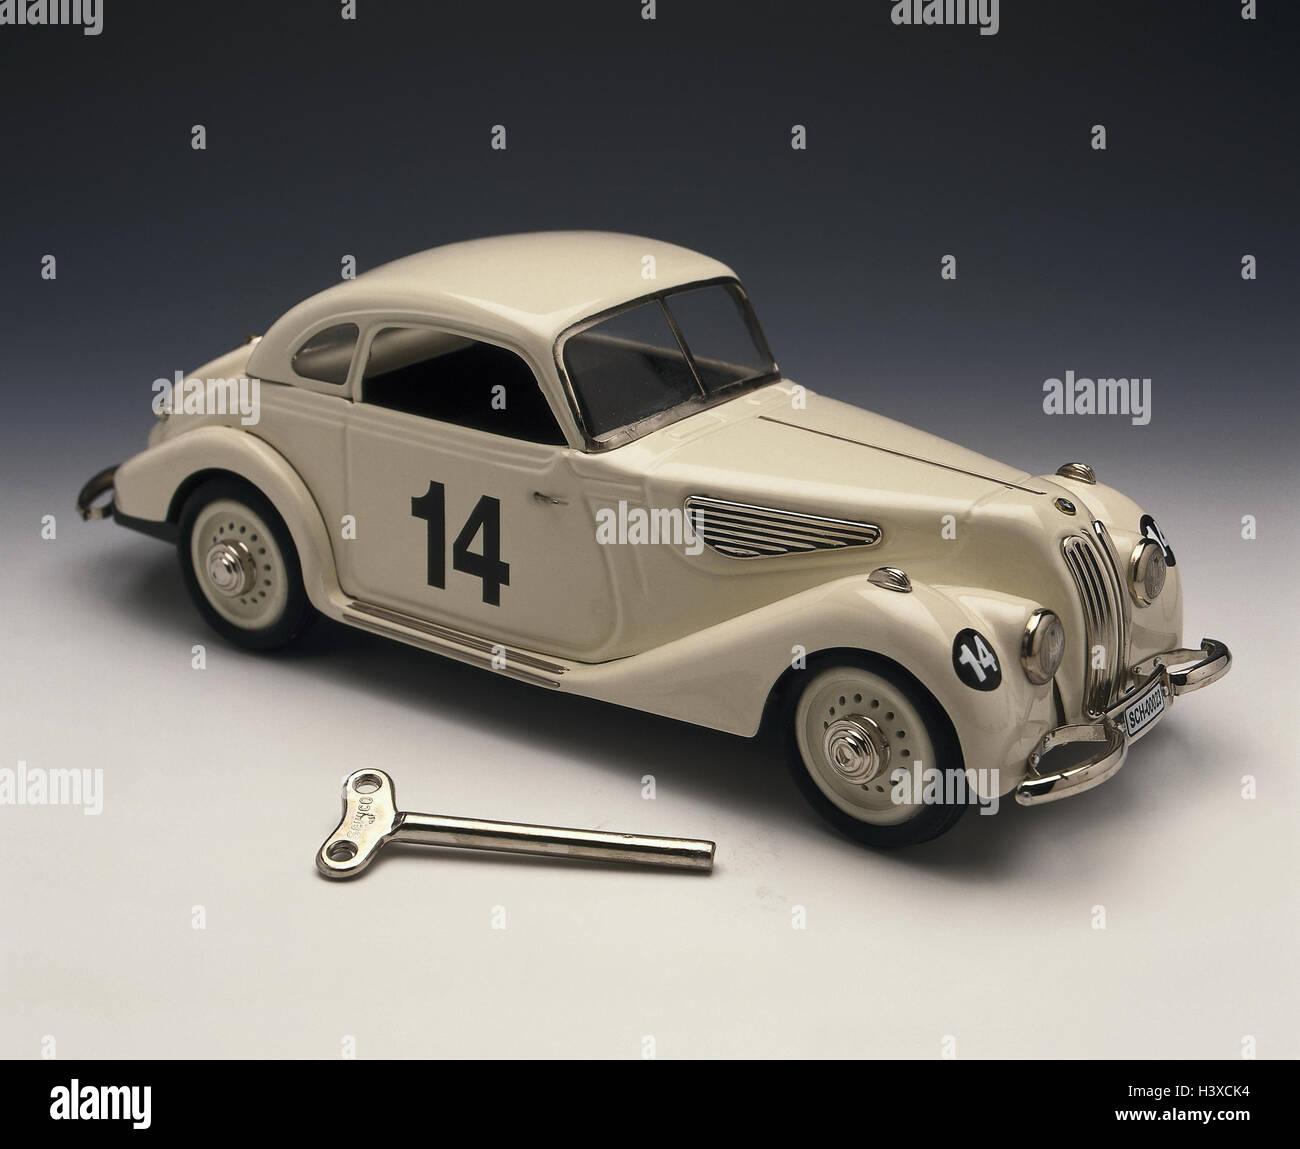 schuco voiture bmw mod le 327 l 39 allemagne 1938 voyage les cl s de voiture mod le mod le. Black Bedroom Furniture Sets. Home Design Ideas